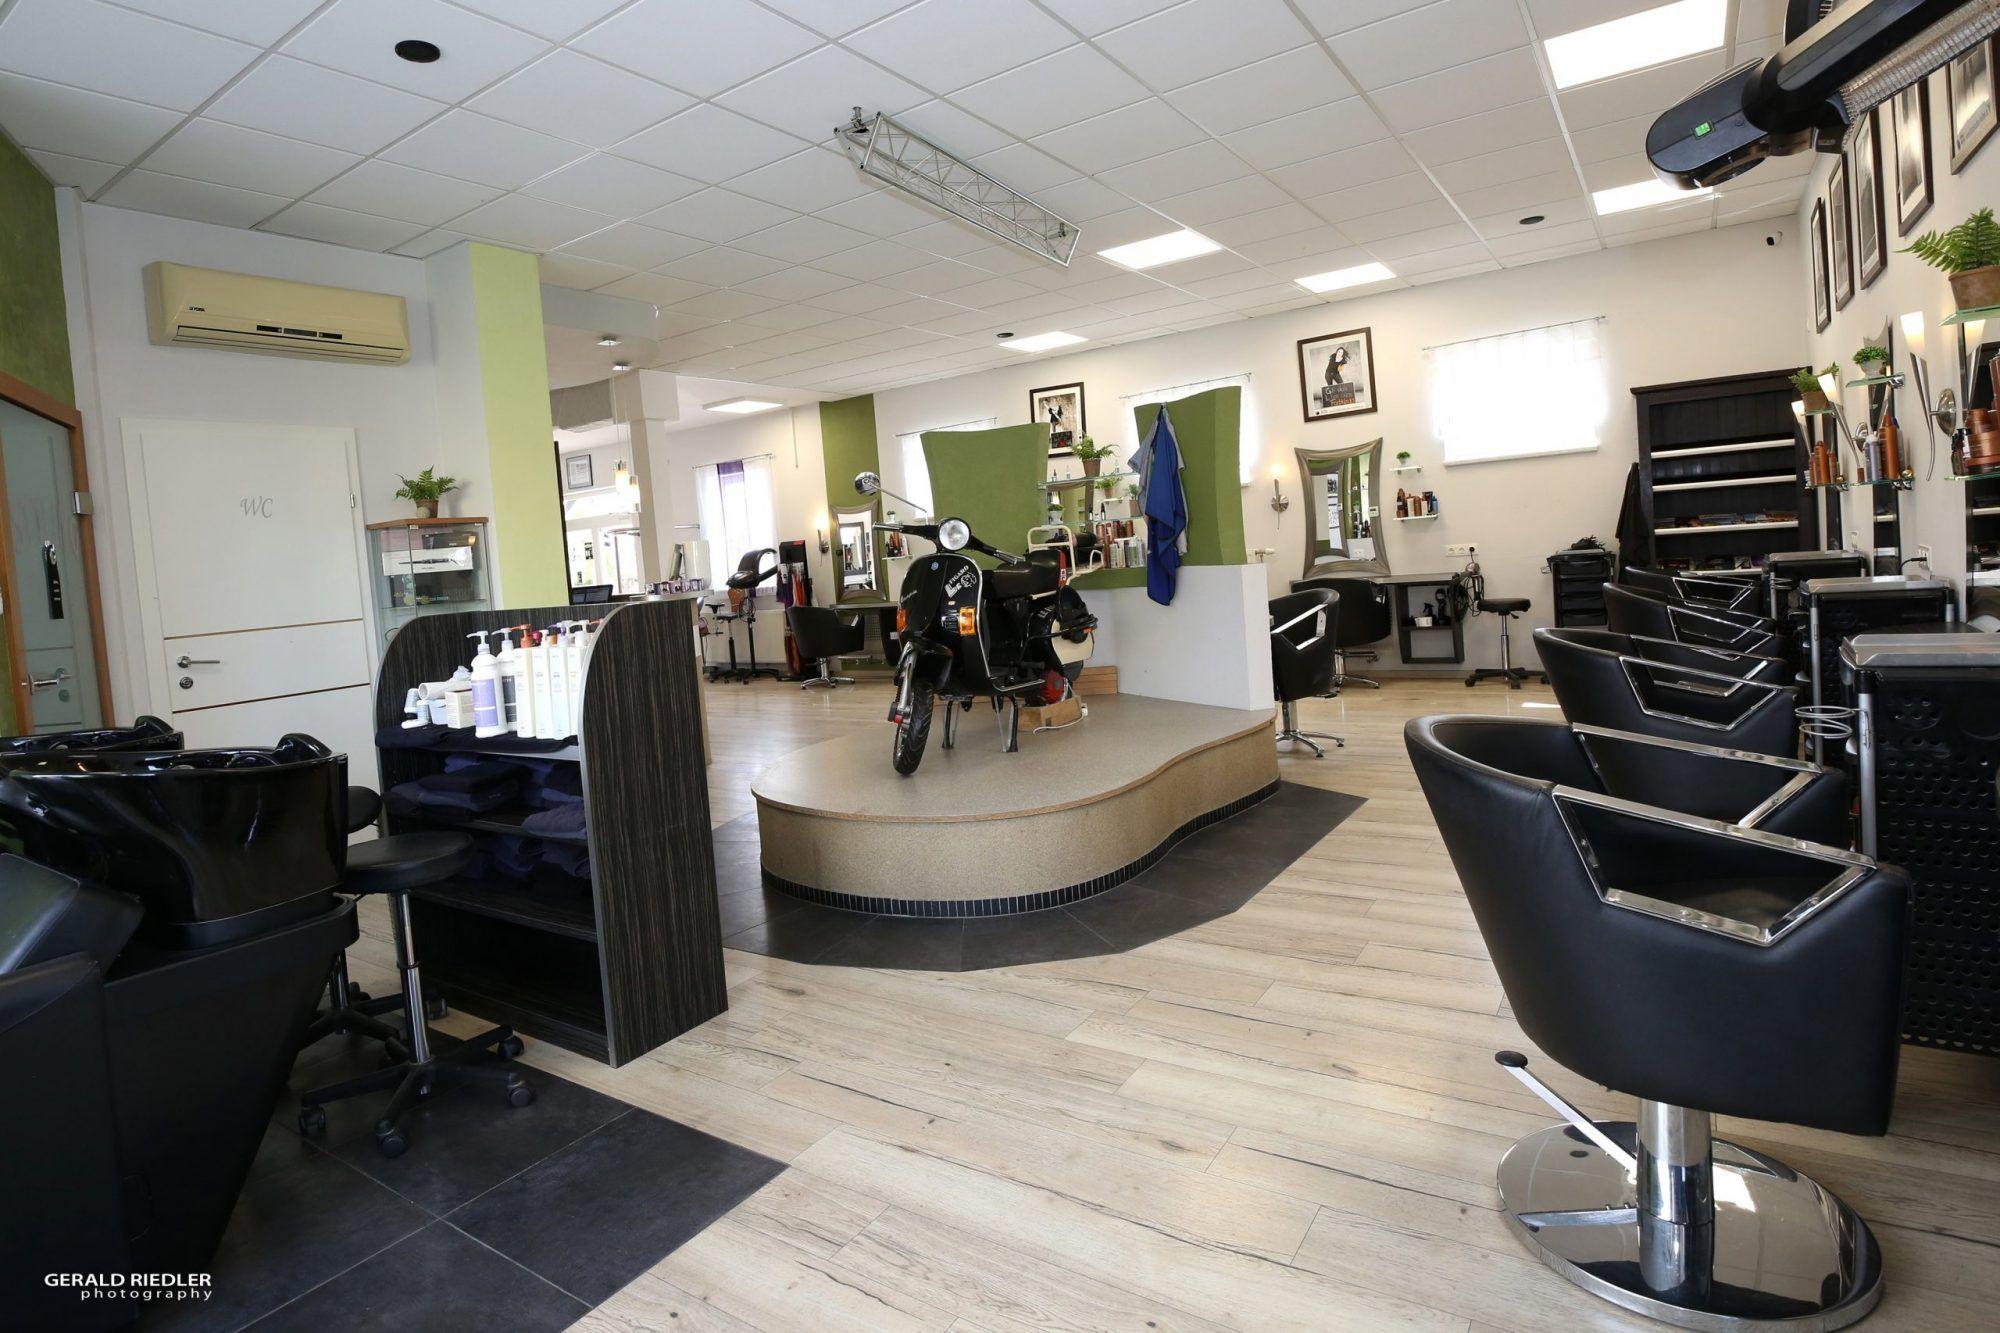 Le Figaro Petzenkirchen Salon